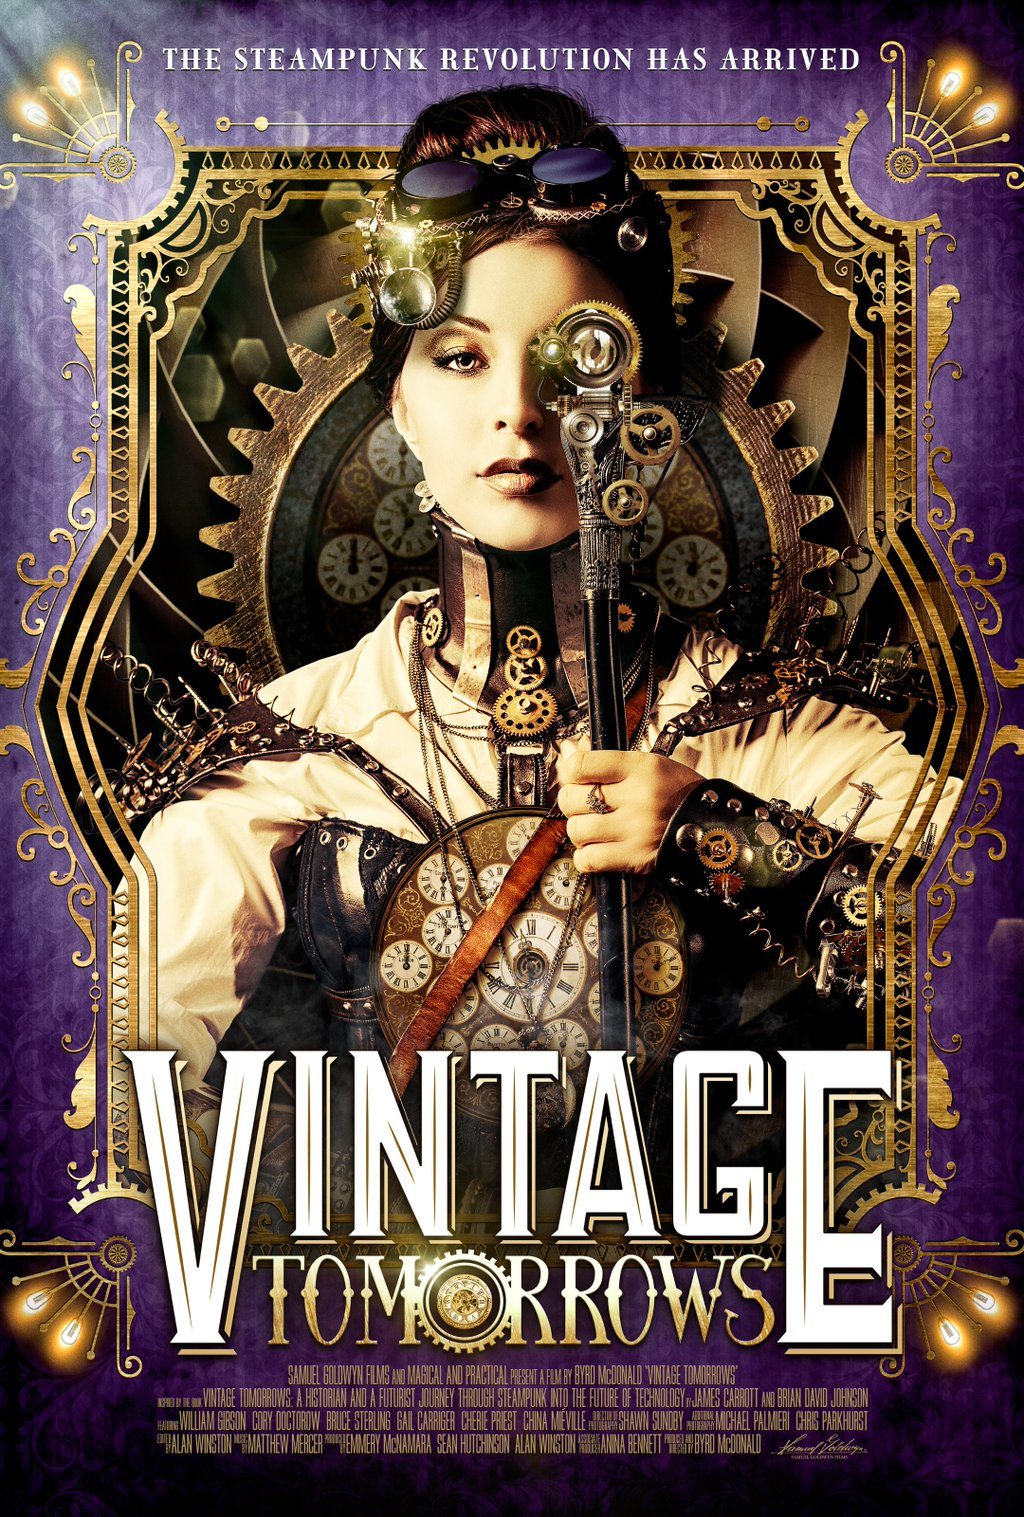 Vintage-Tomorrows-movie-poster.jpg